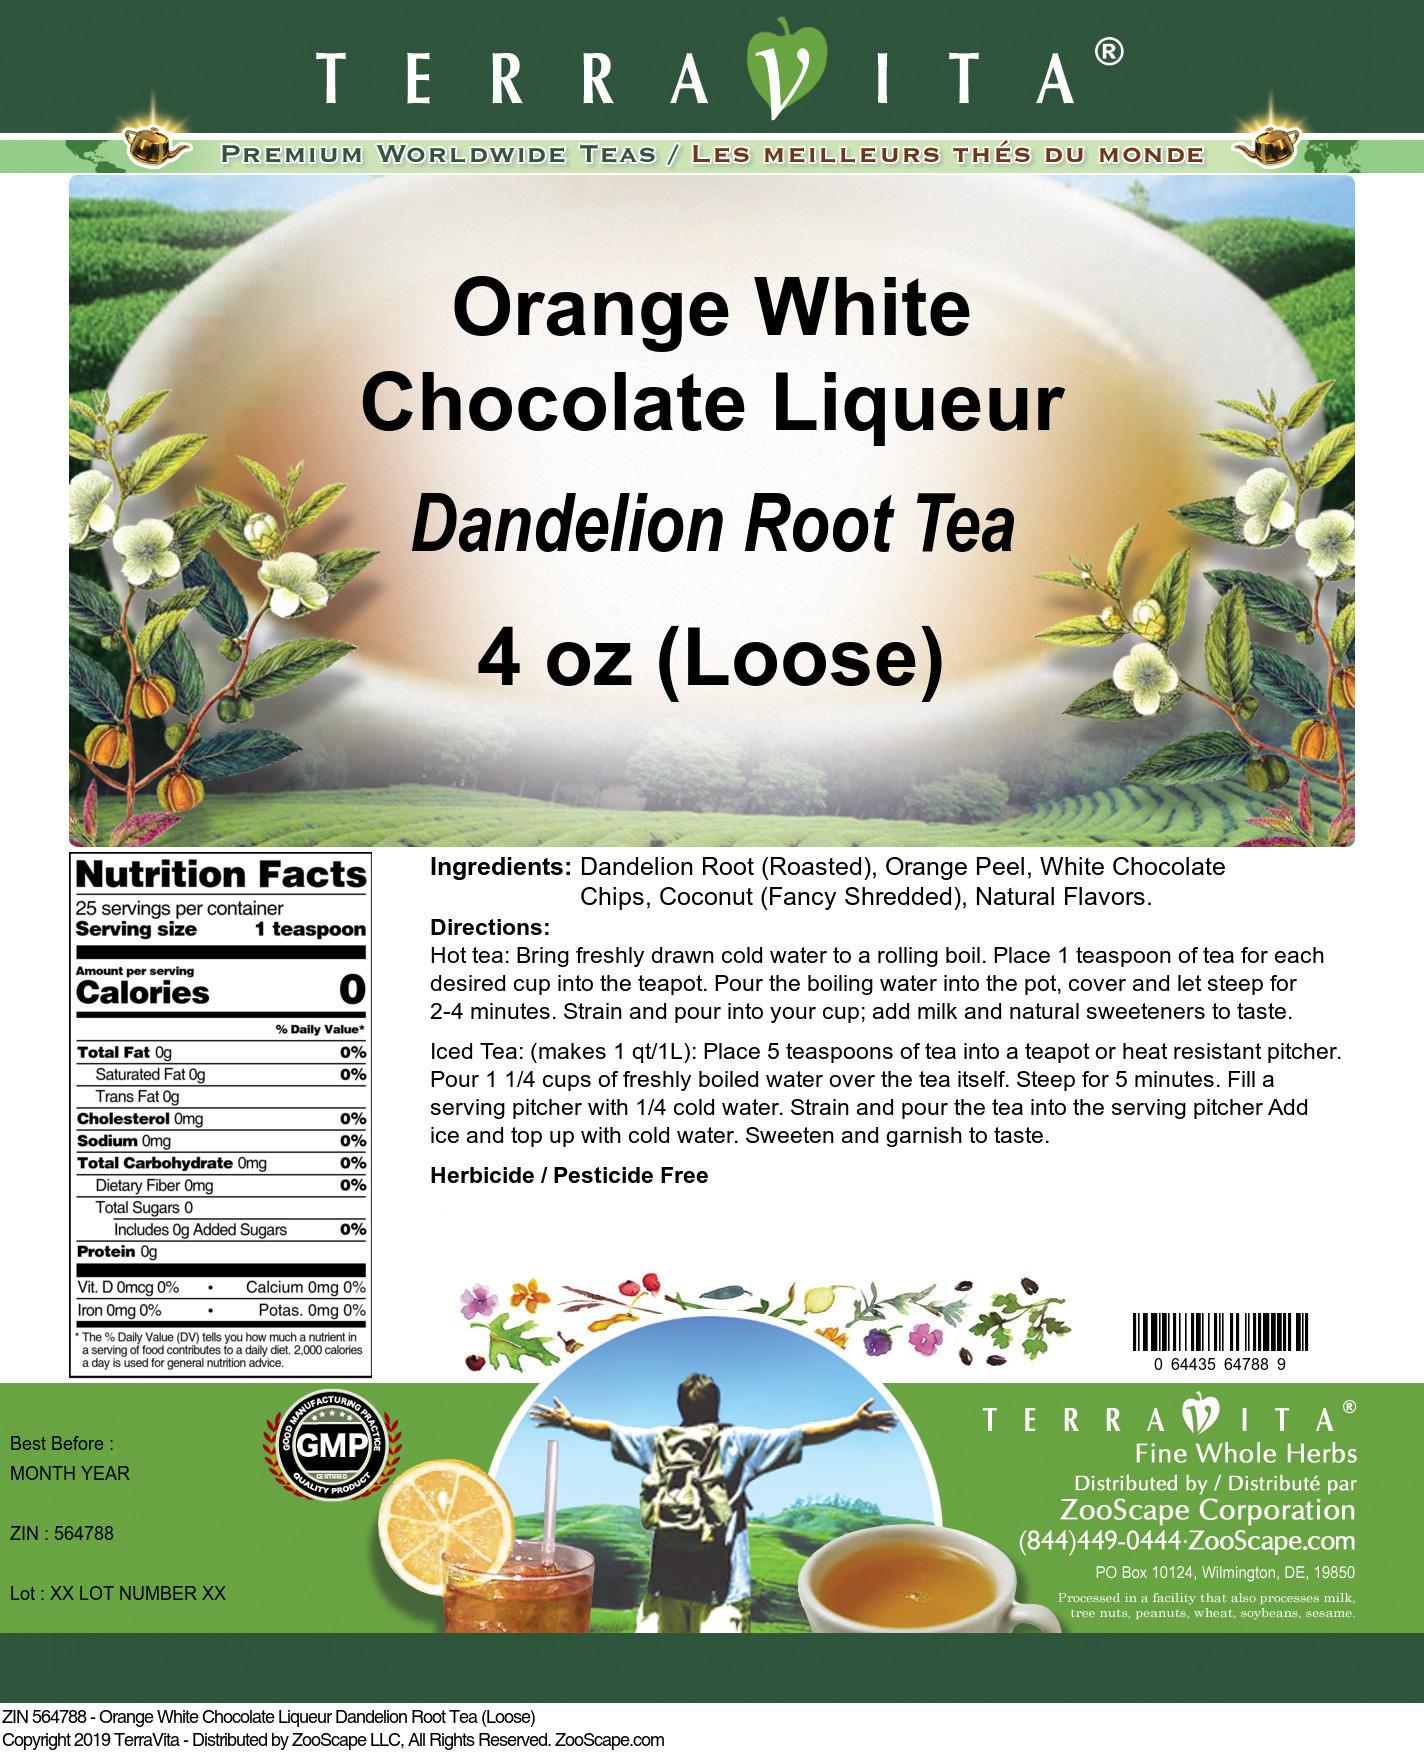 Orange White Chocolate Liqueur Dandelion Root